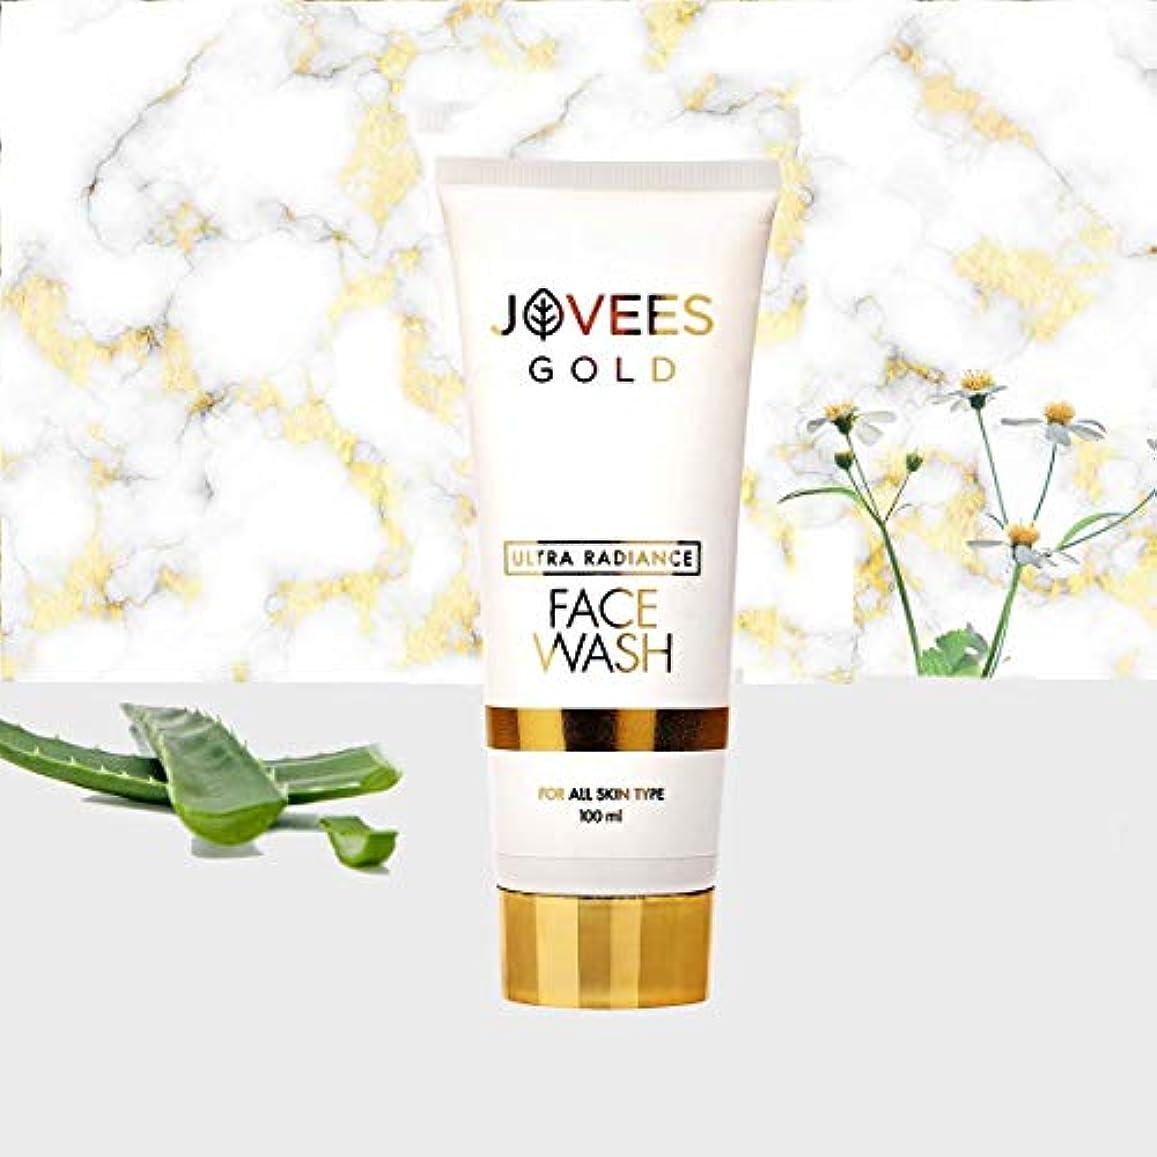 くぼみどっちでも艦隊Jovees Ultra Radiance 24K Gold Face Wash 100ml to help bring glow and radiance 輝きと輝きをもたらすのを助けるためにJovees Ultra...